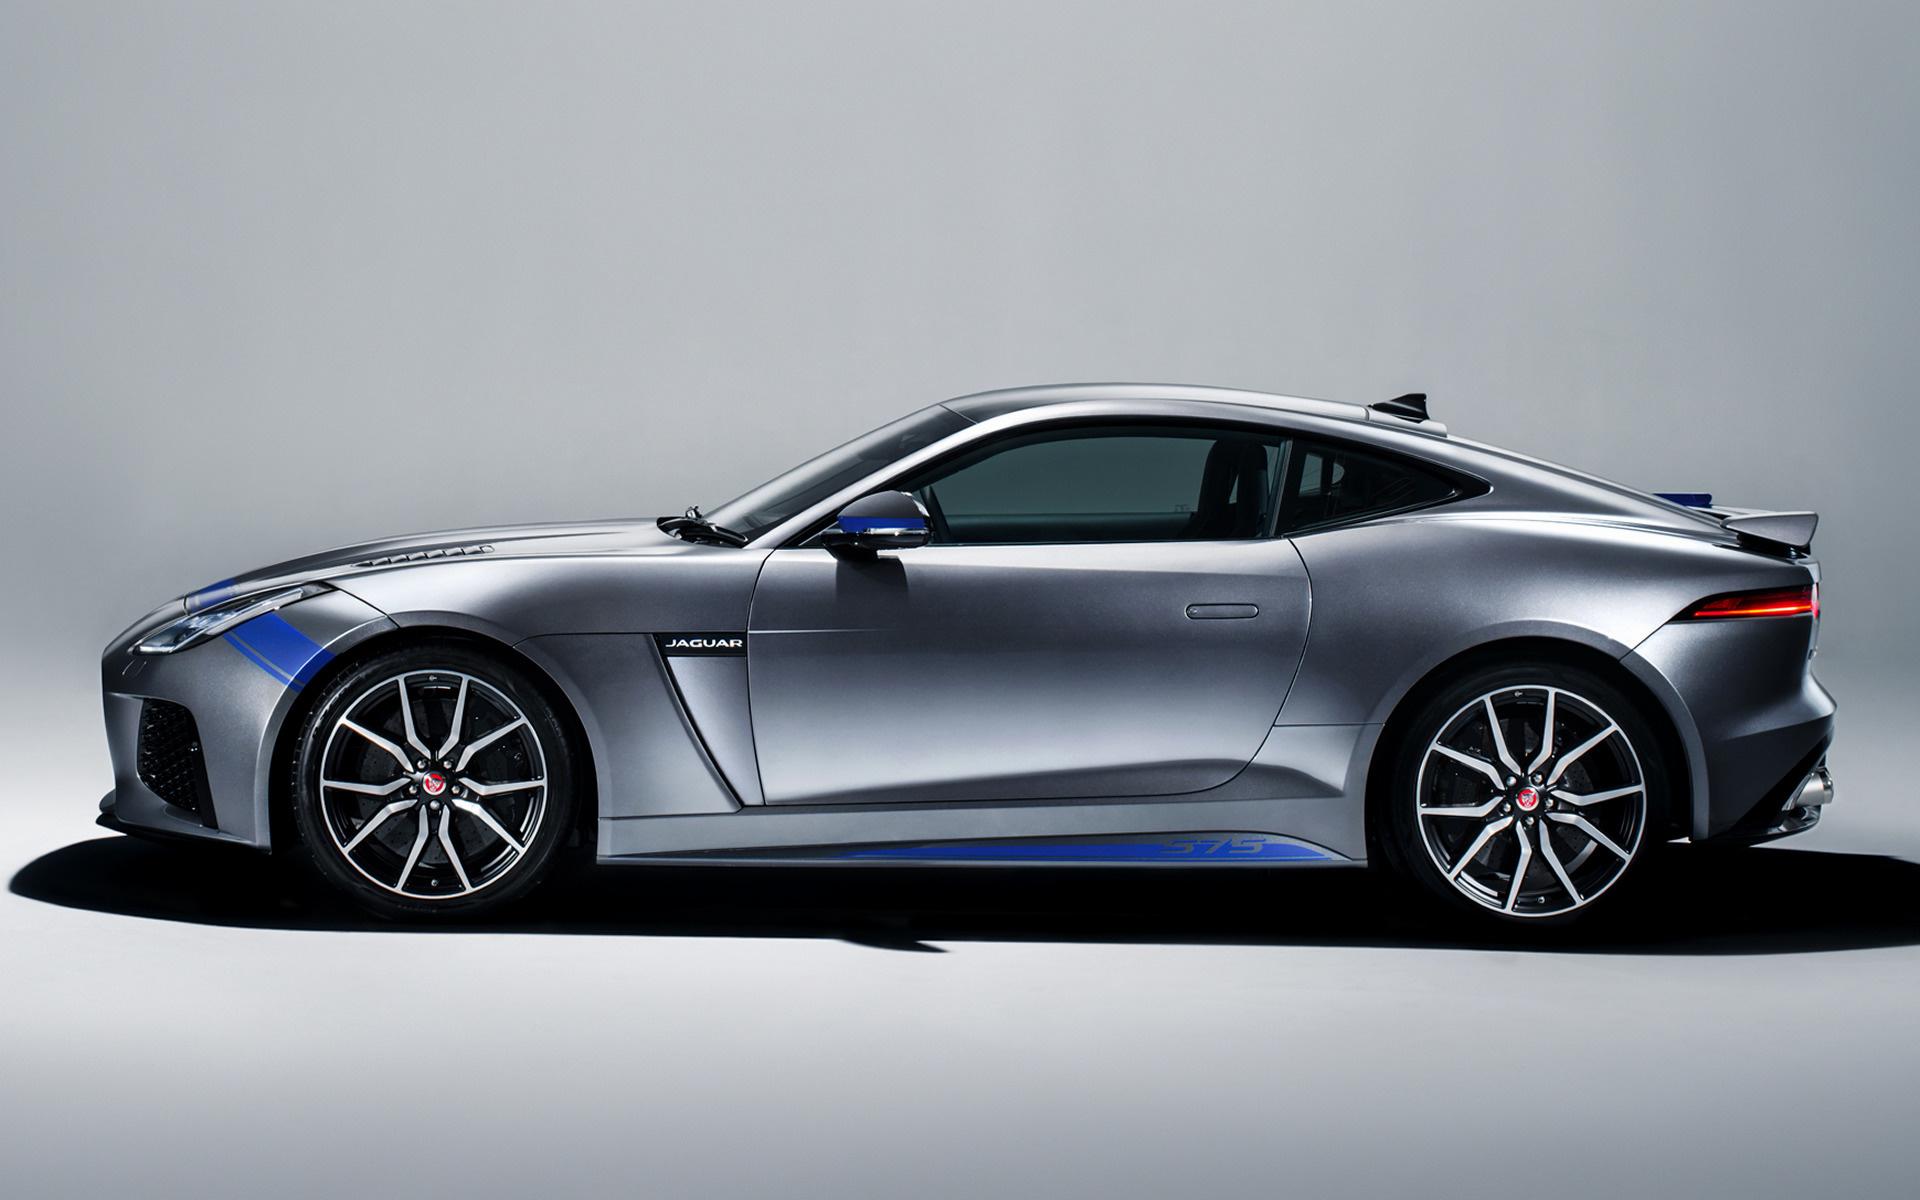 2018 Jaguar F Type Svr Coupe Graphic Pack Uk Papeis De Parede E Imagens De Fundo Em Hd Car Pixel